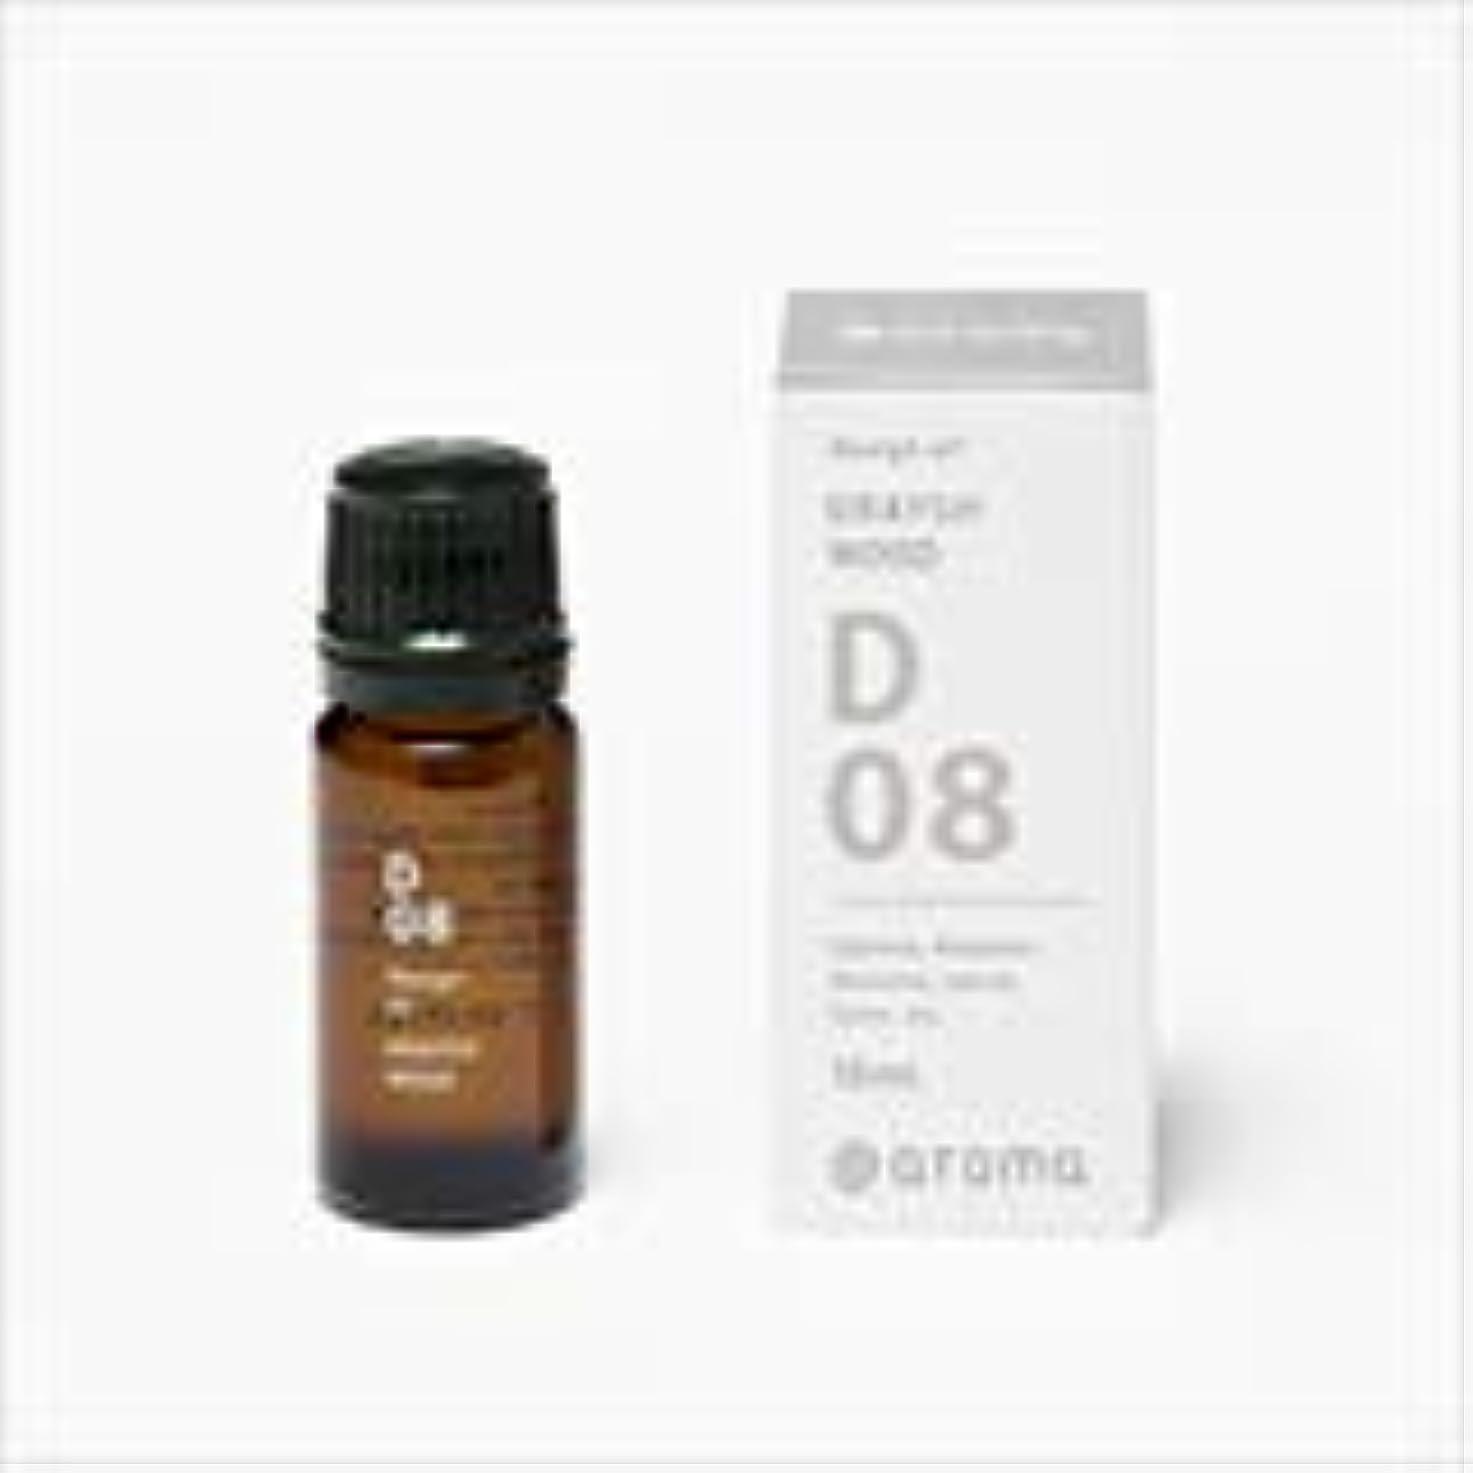 アットアロマ 100%pure essential oil <Design air ルーセントパープル>